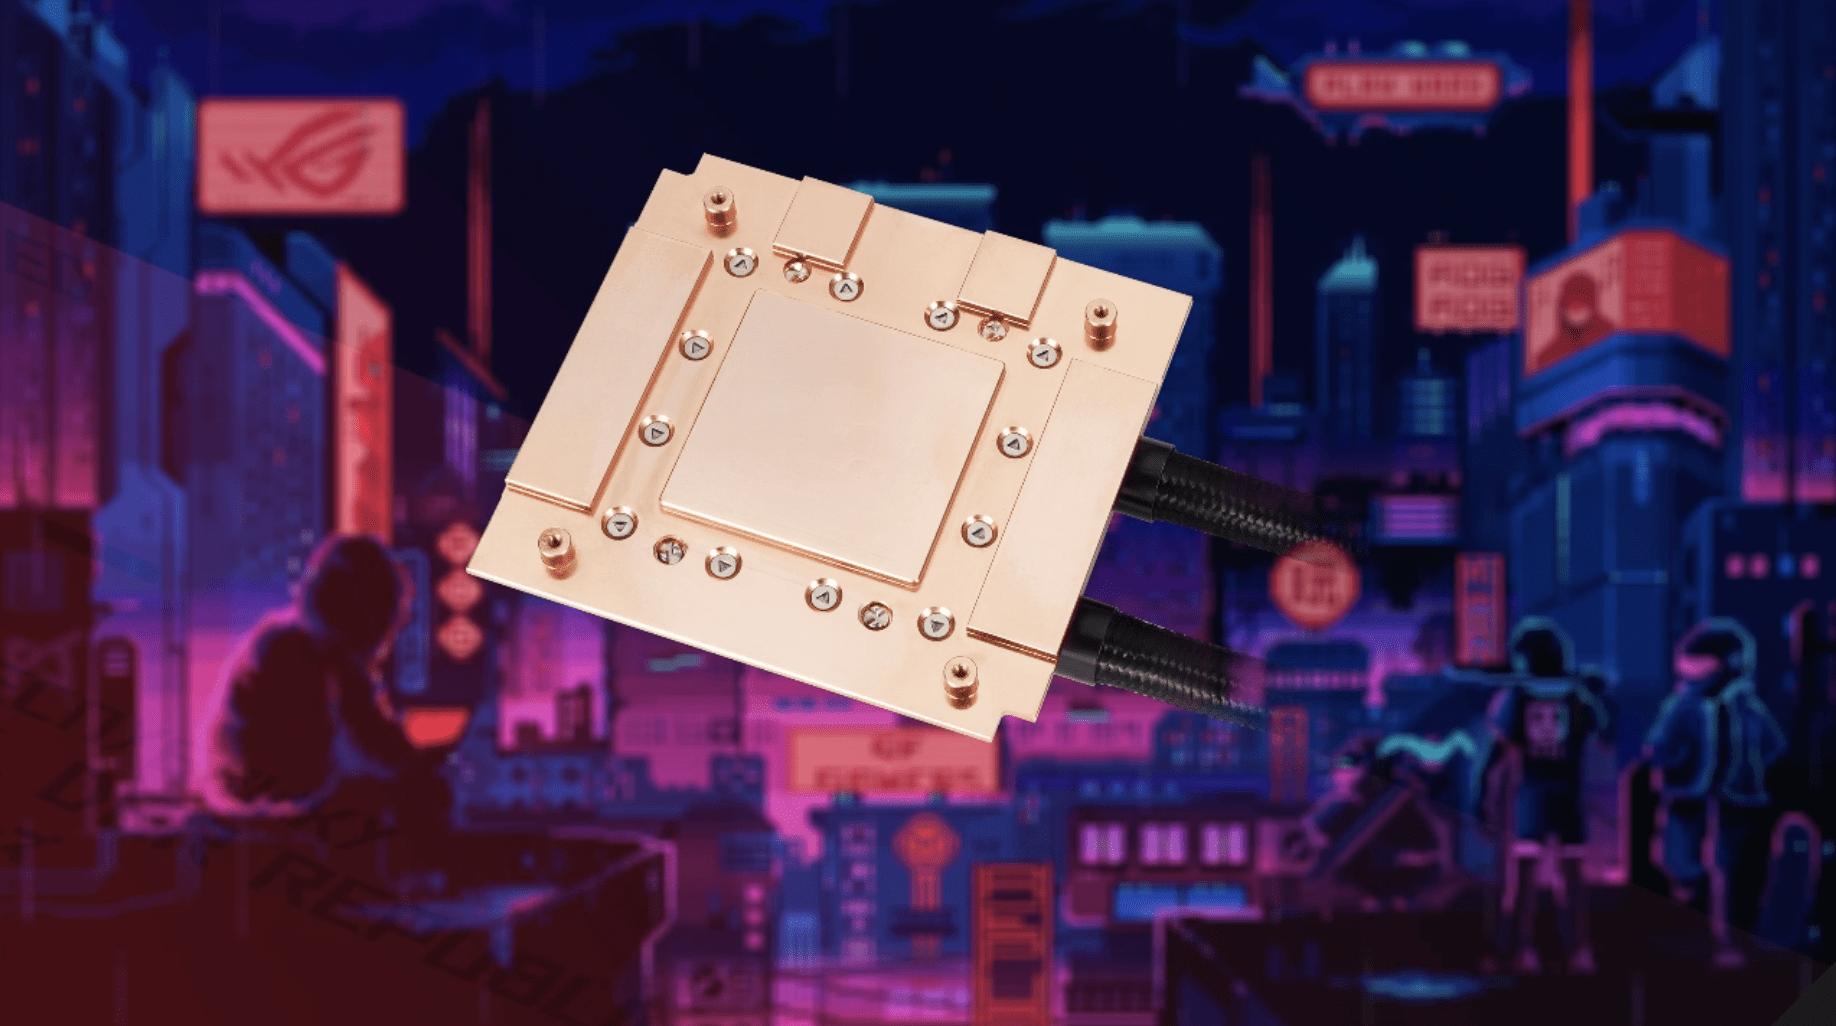 ASUS-ROG-Strix-LC-Radeon-RX-6800-XT-3.png